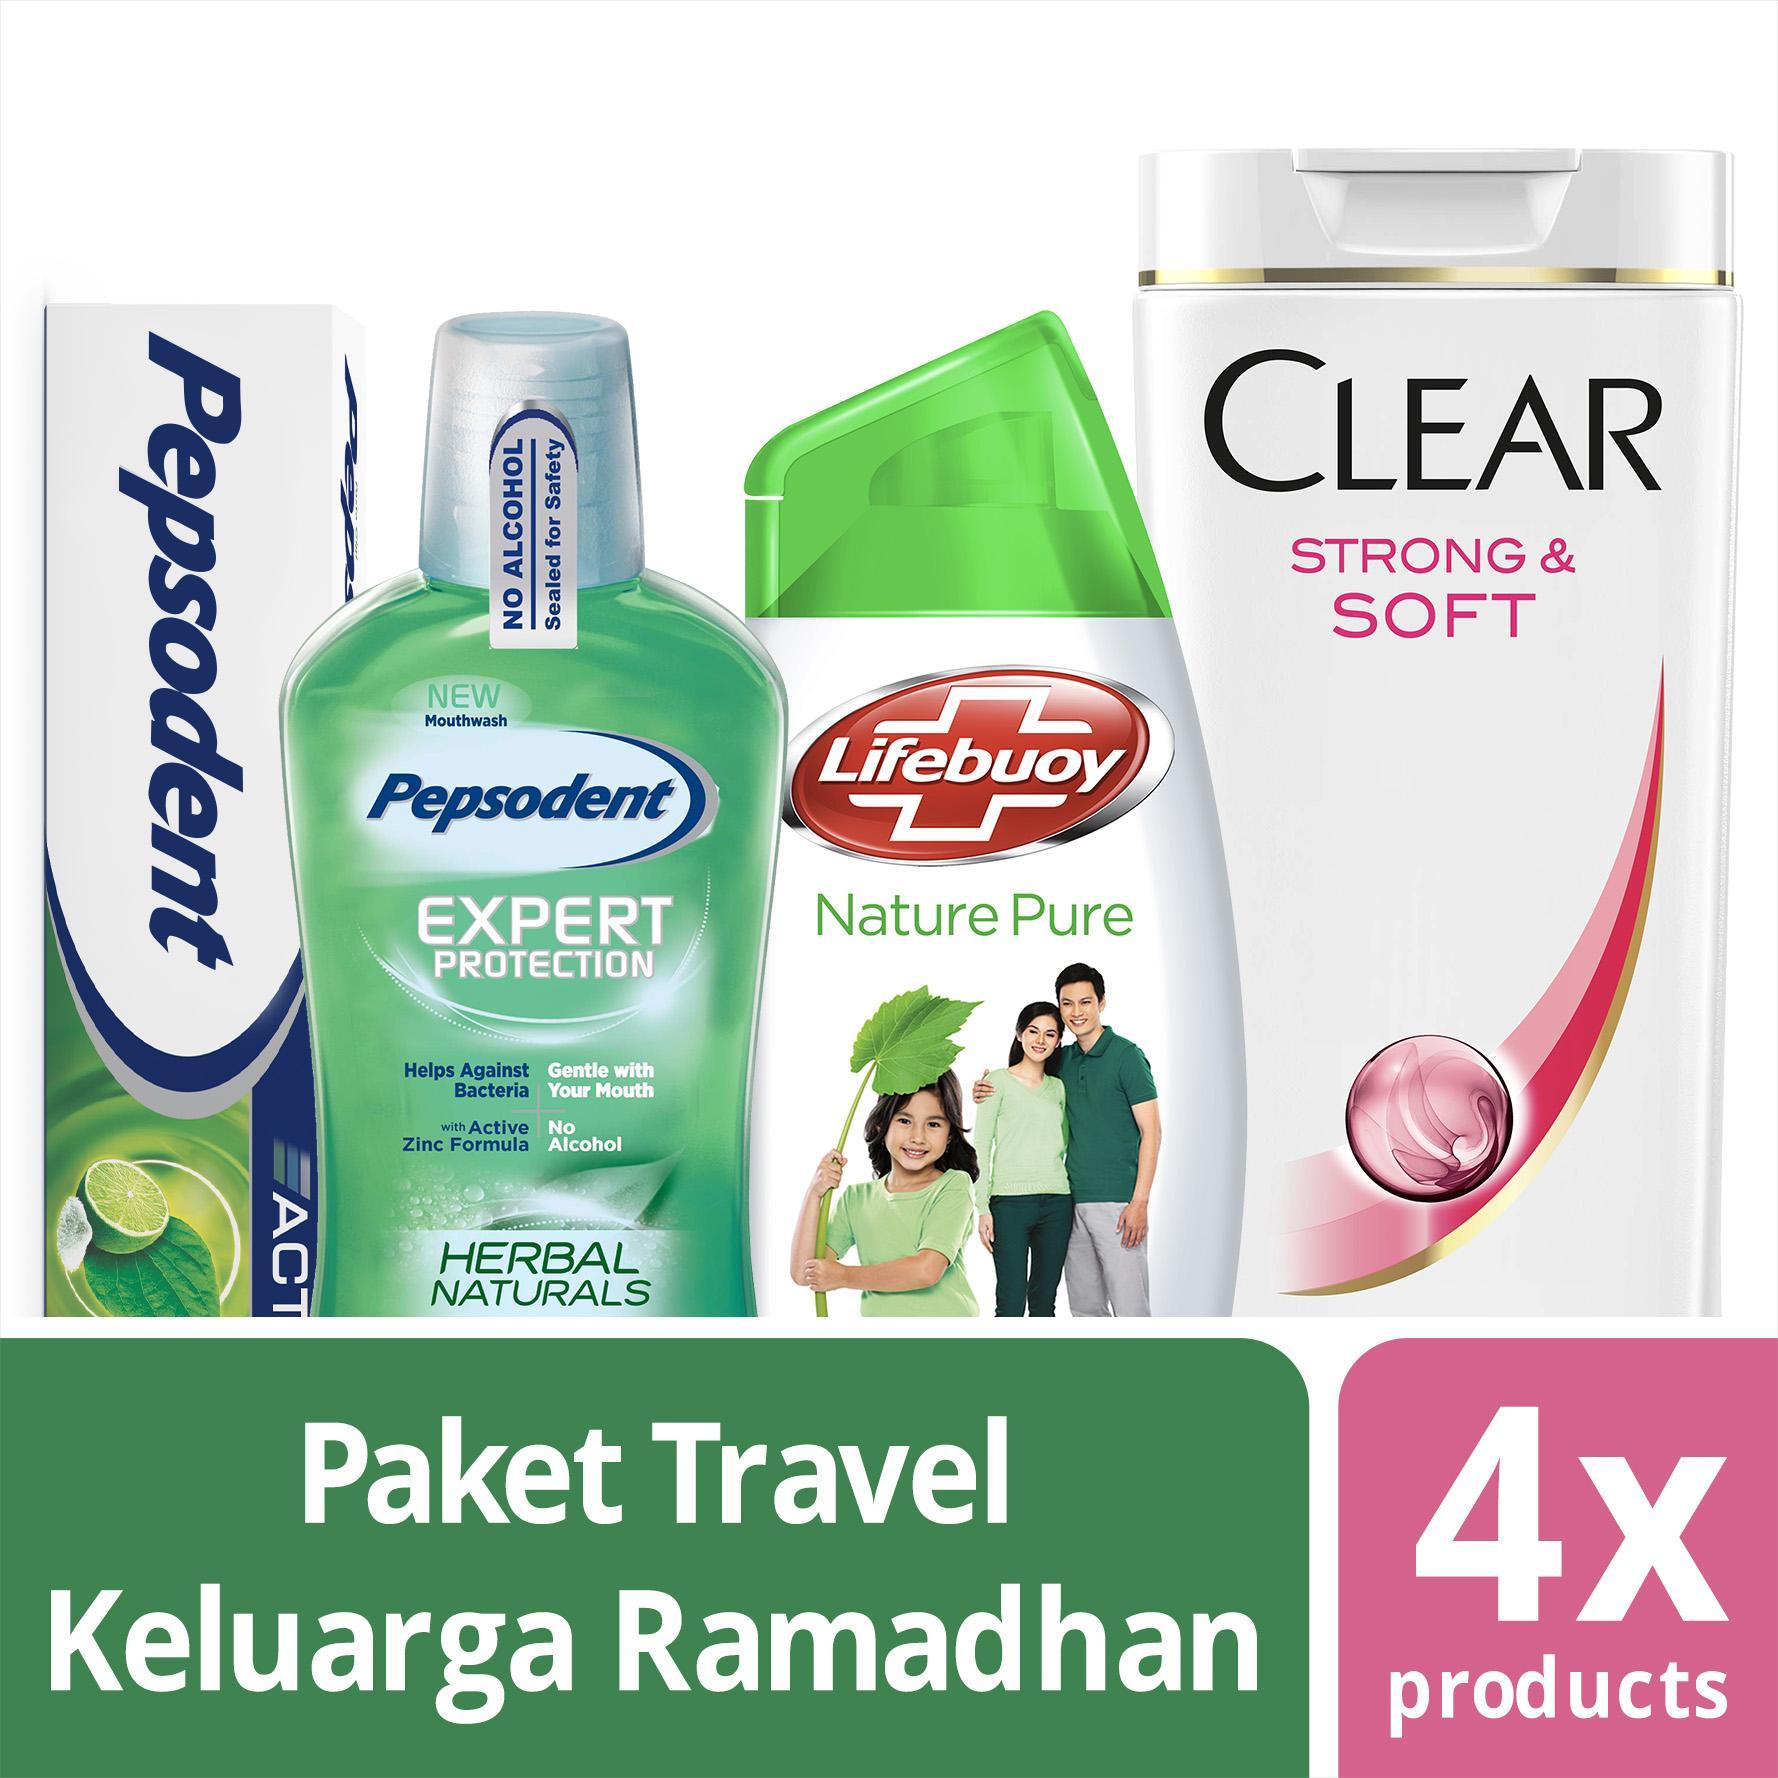 Paket Ramadan Travel Keluarga dari Pepsodent Lifebuoy & Clear